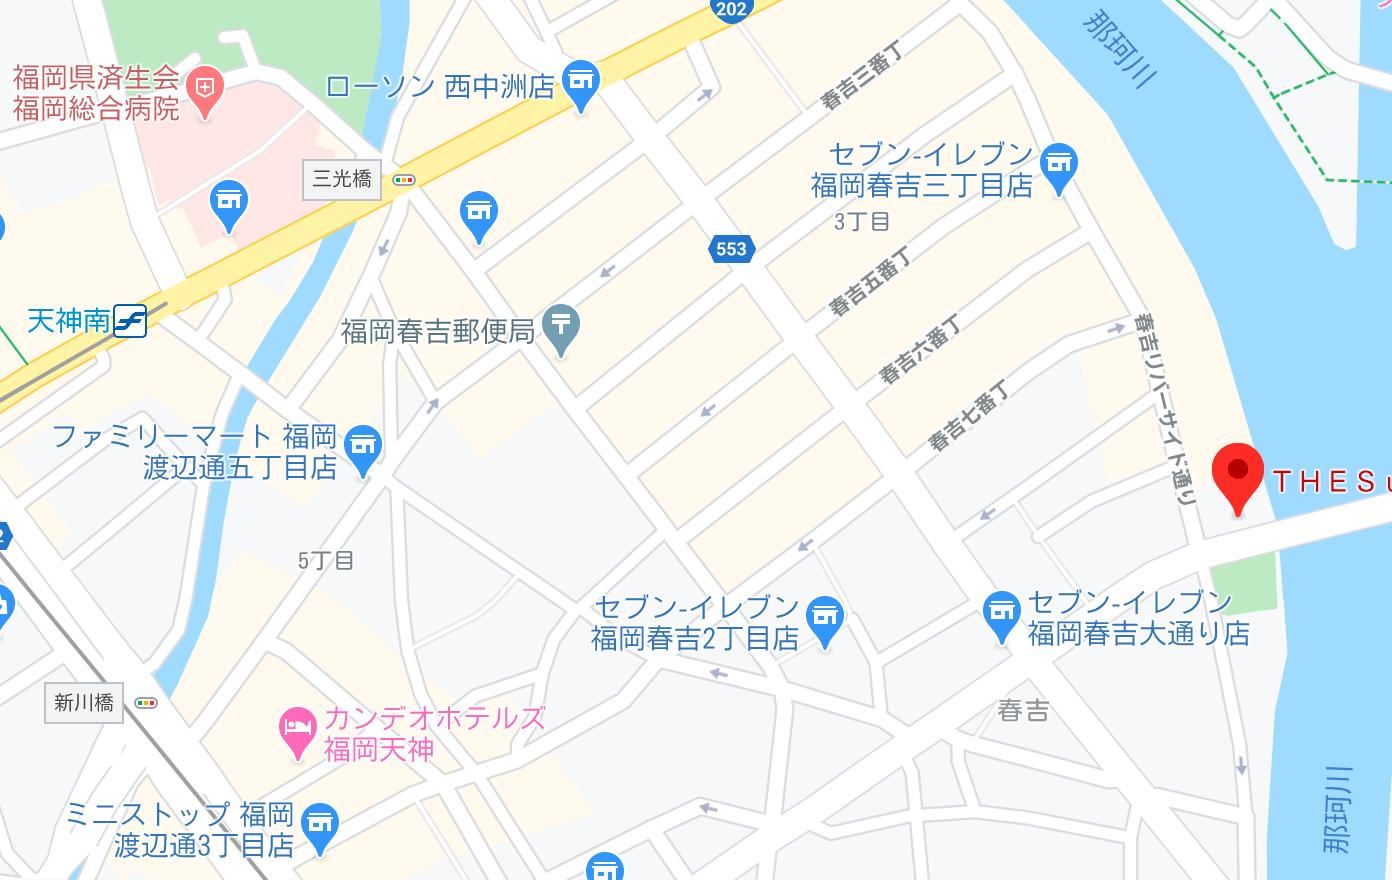 福岡 立ちんぼ